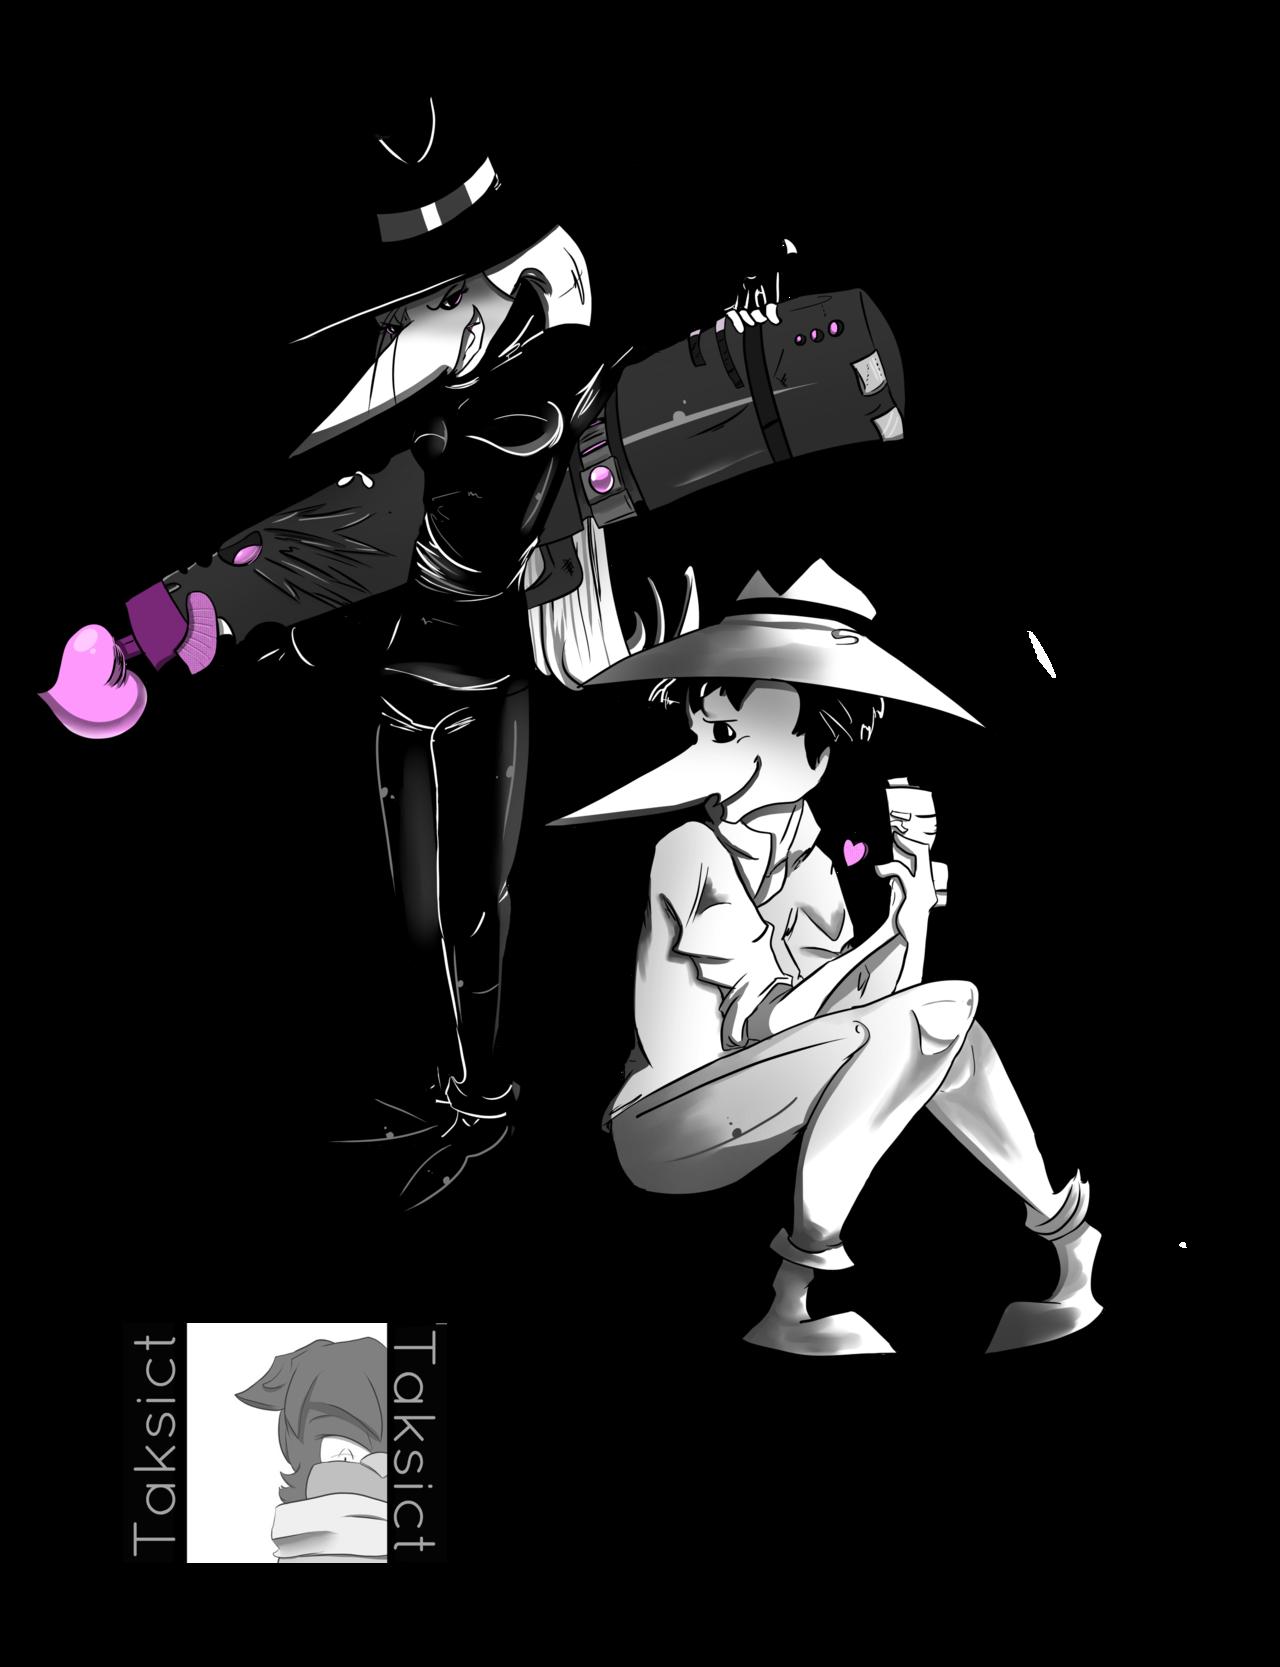 Spy With Spy